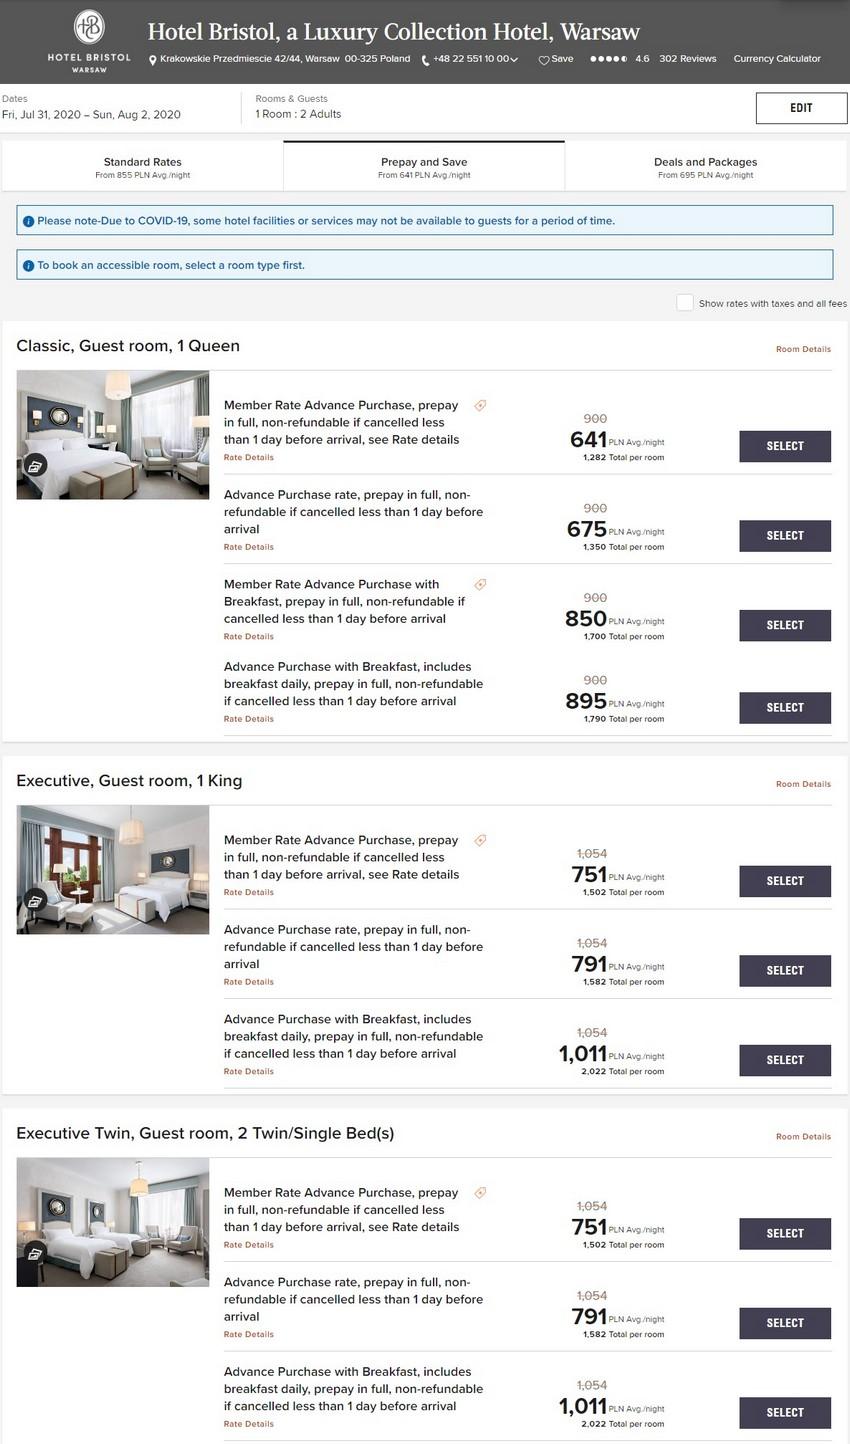 Vorausbezahlte Raten im Sommer 2020 im Hotel Bristol, a Luxuy Collection Hotel, Warschau